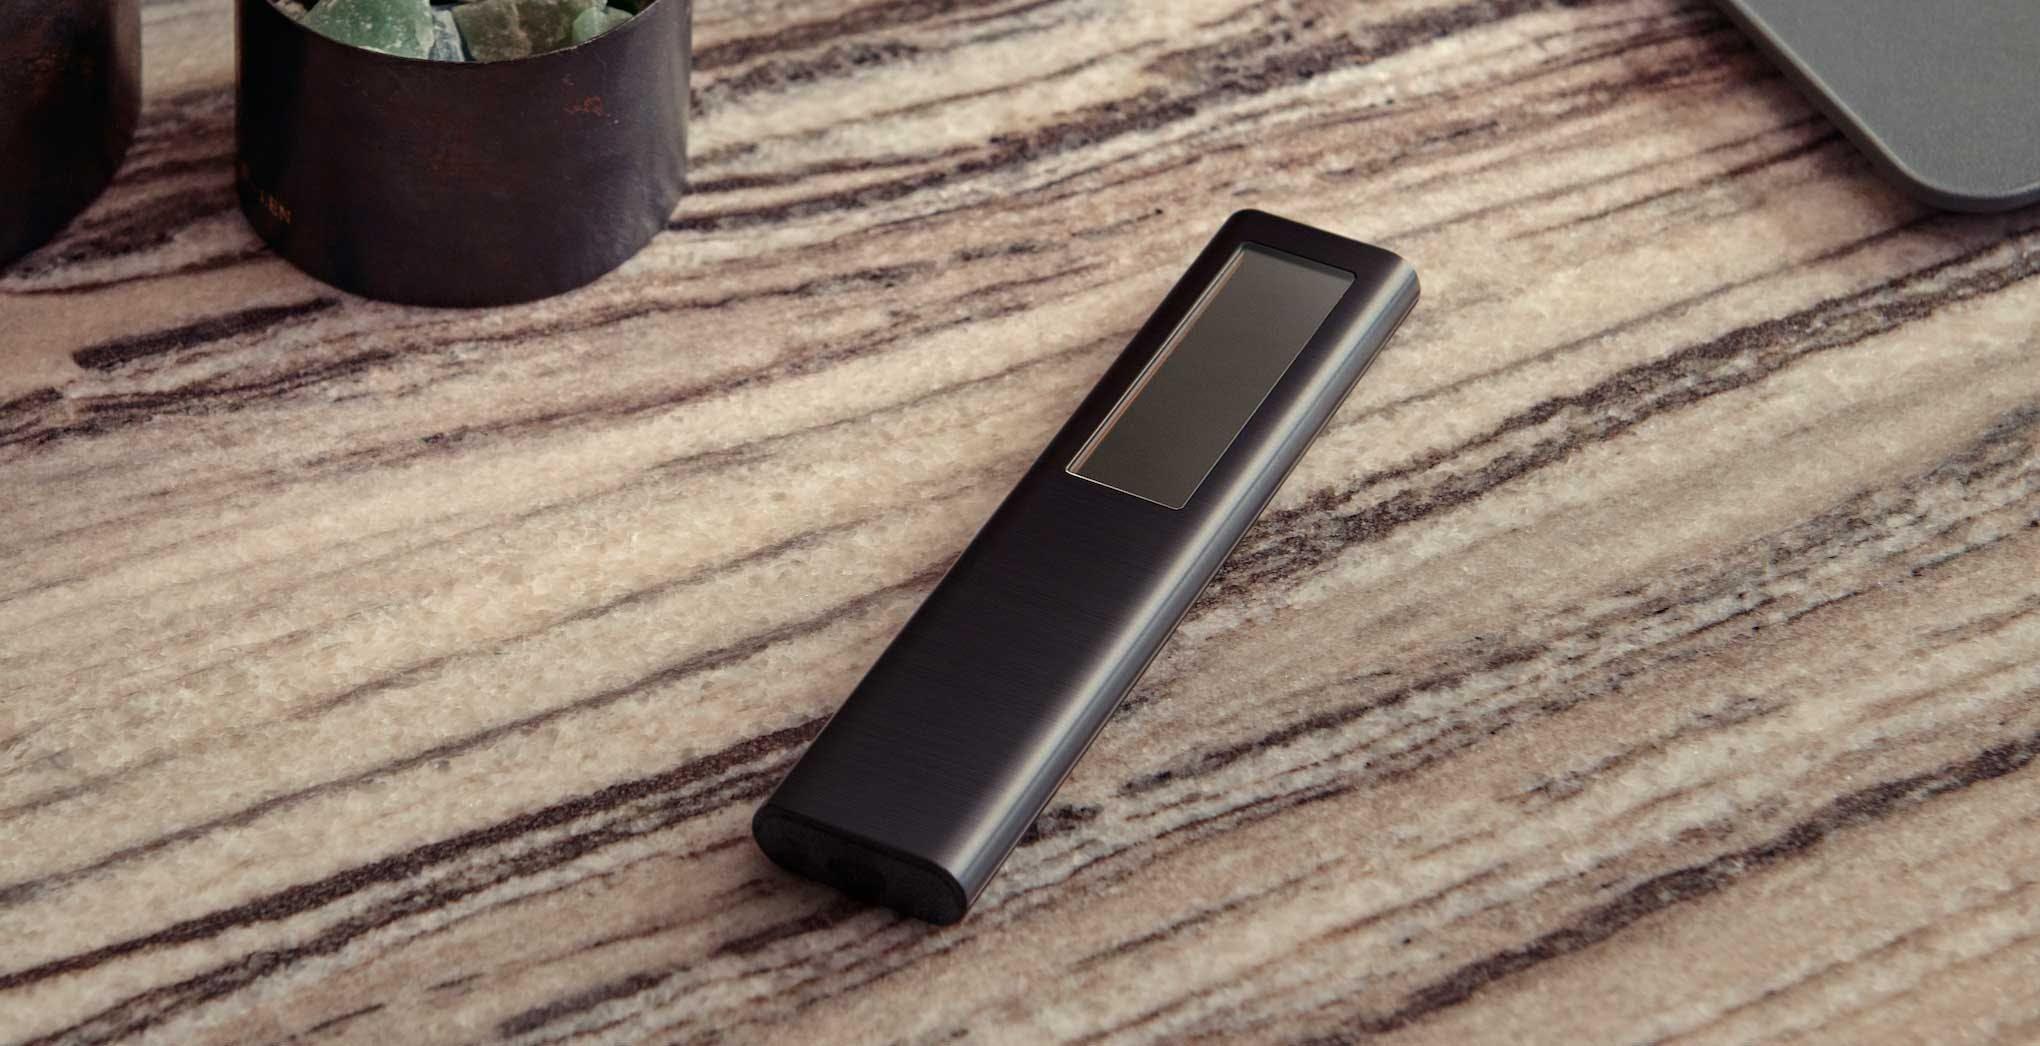 Il nuovo telecomando dei TV Samsung è fatto in plastica riciclata e si alimenta con la luce